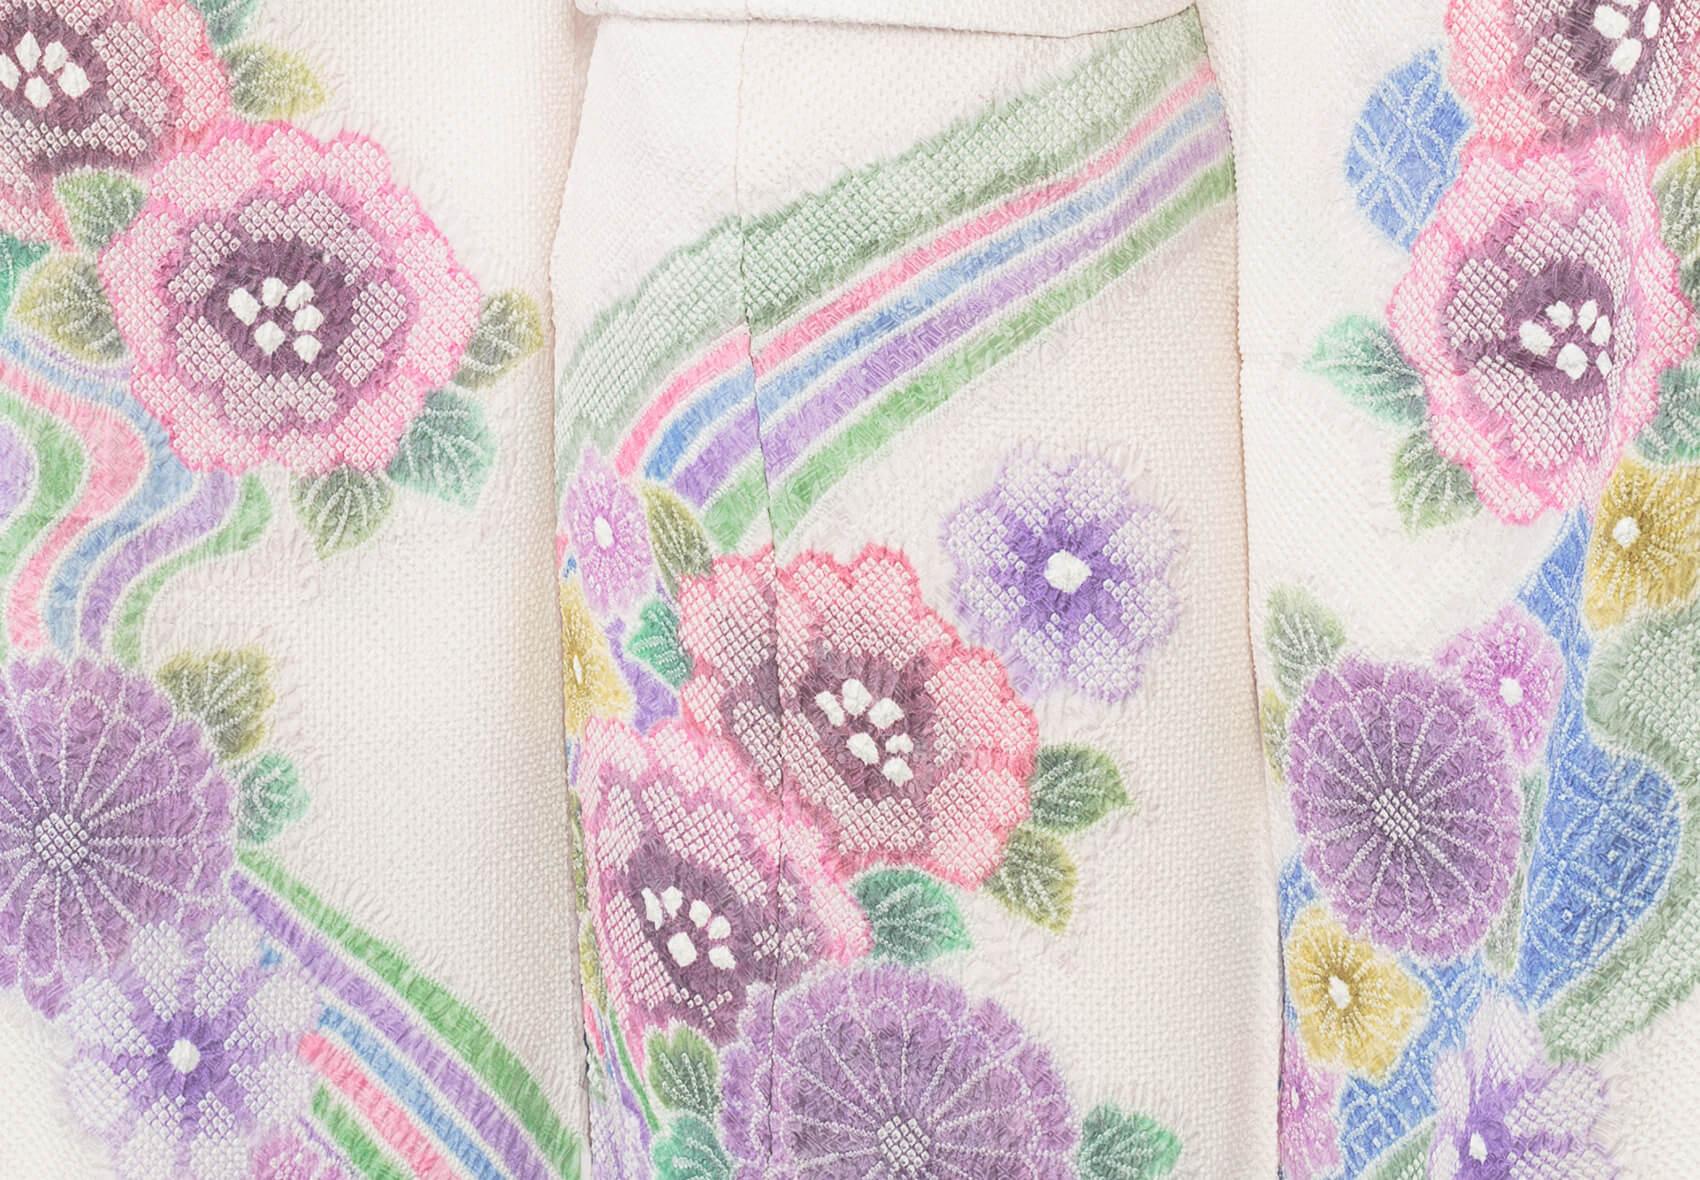 美しいパステルカラーの藤娘きぬたやの絞りの着物。